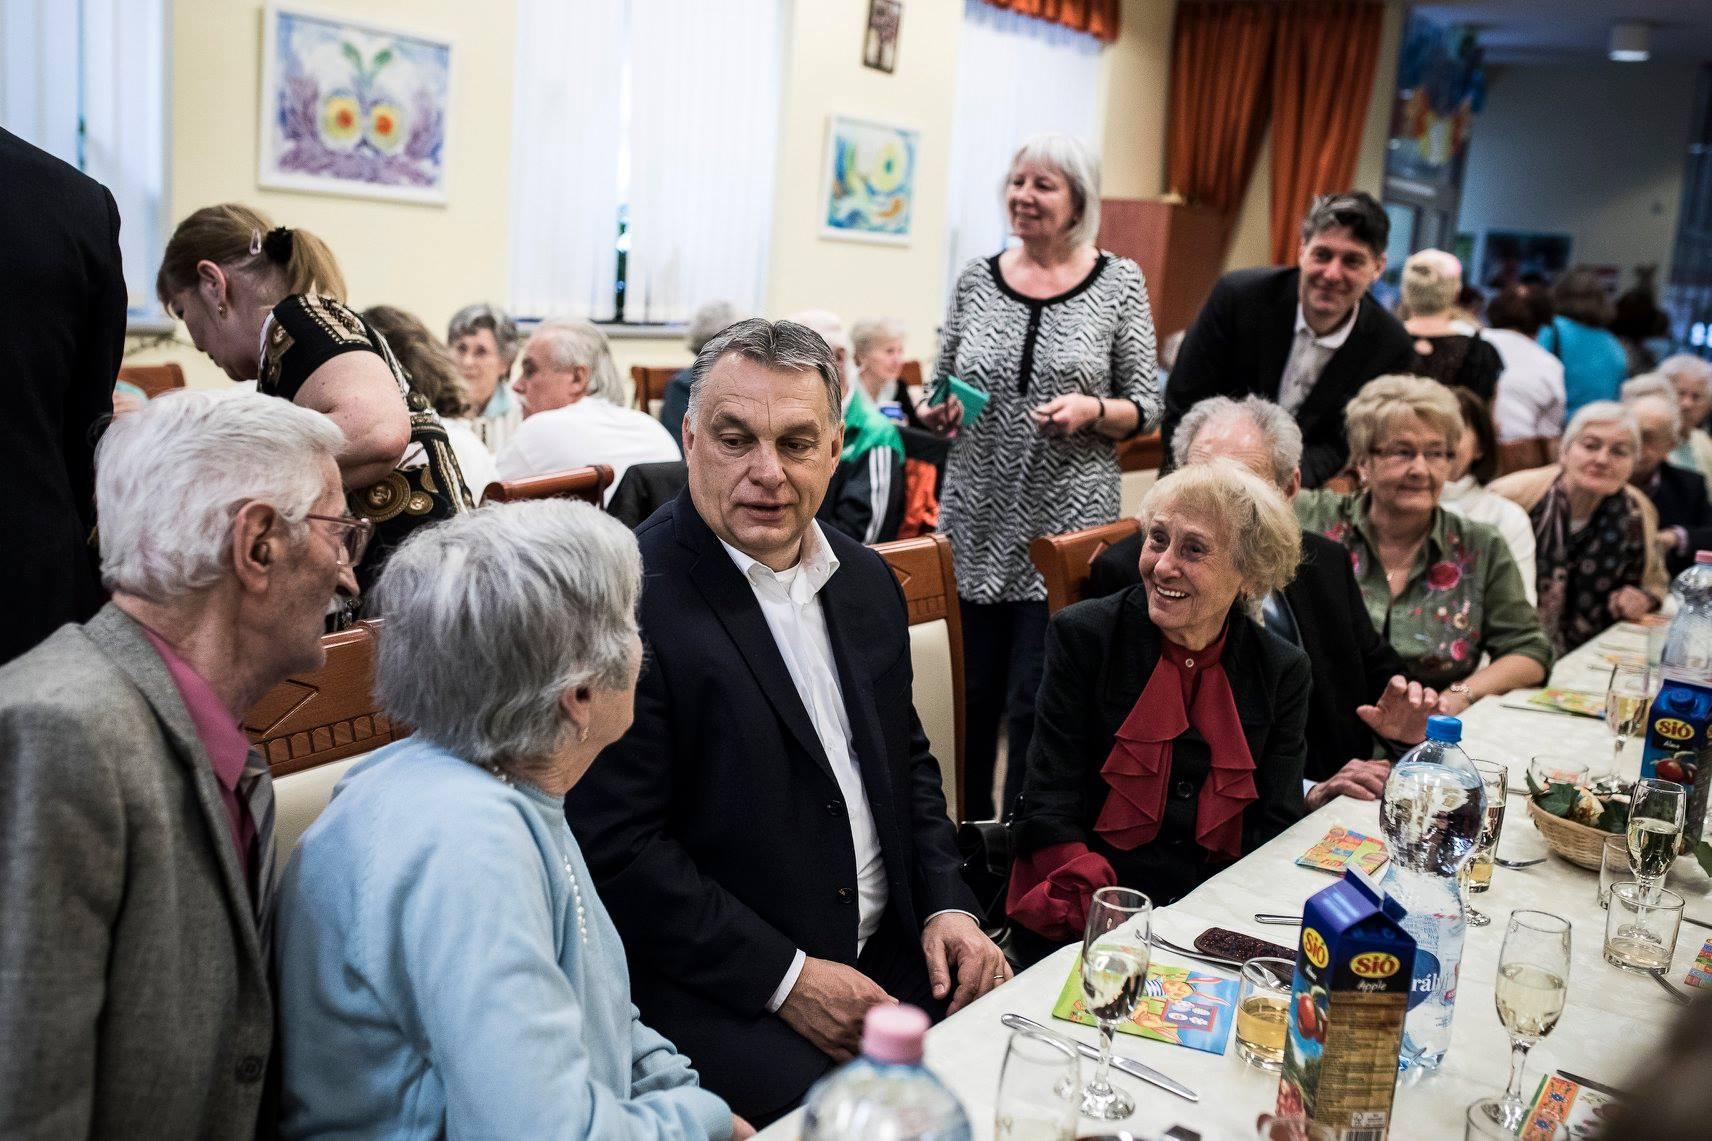 Orbán Viktor azzal ijesztgetett egy nyugdíjasklubban, hogy valakik mindjárt kicserélik Magyarország népességét